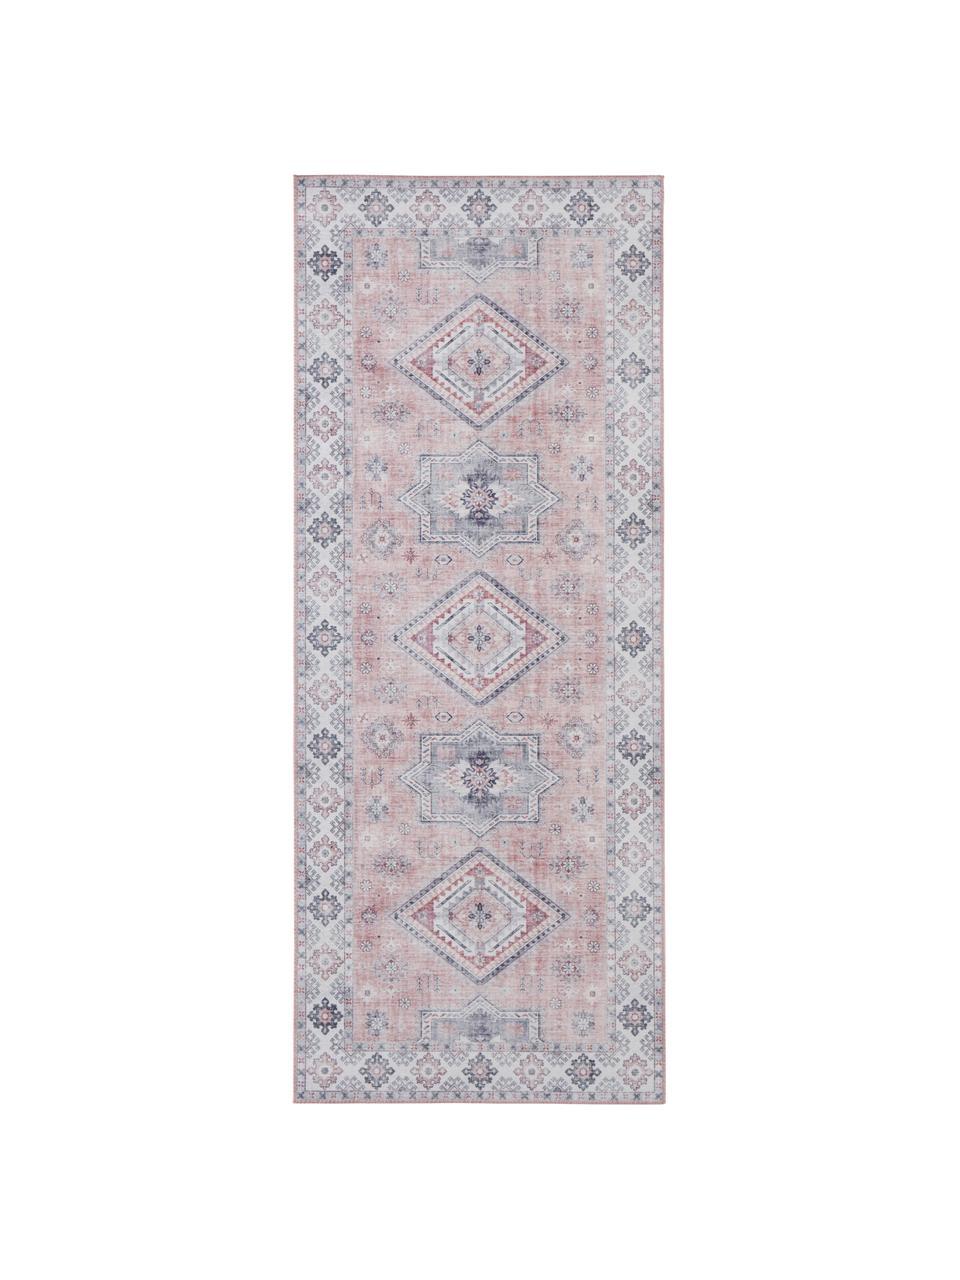 Tapis de couloir vintage Gratia, Vieux rose, gris